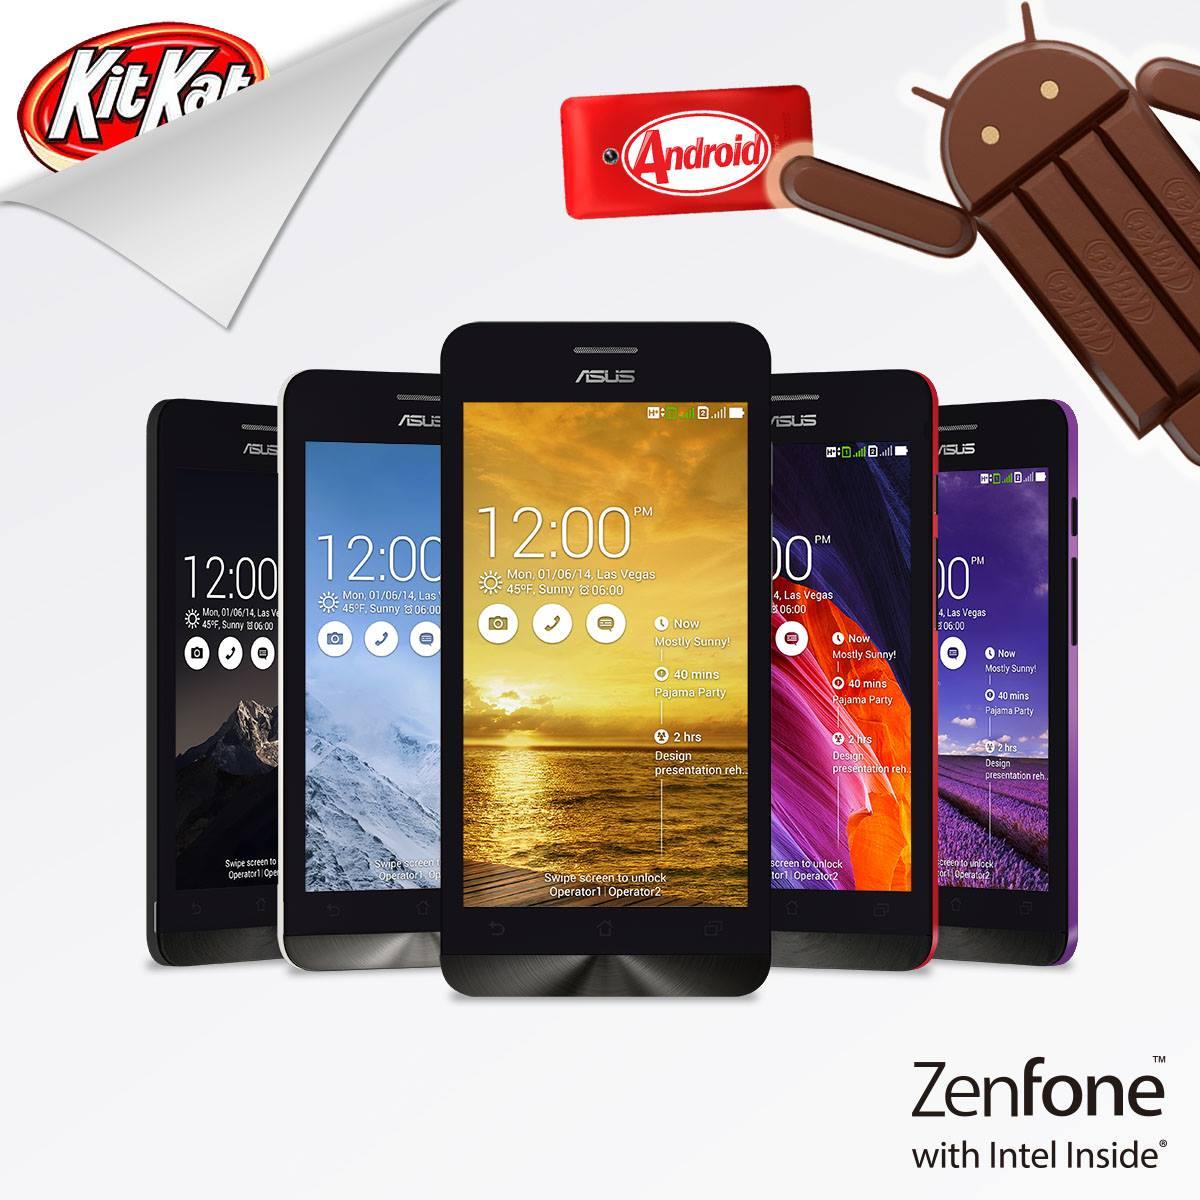 ASUS conferma l'aggiornamento a KitKat anche per Zenfone 5 e Zenfone 6